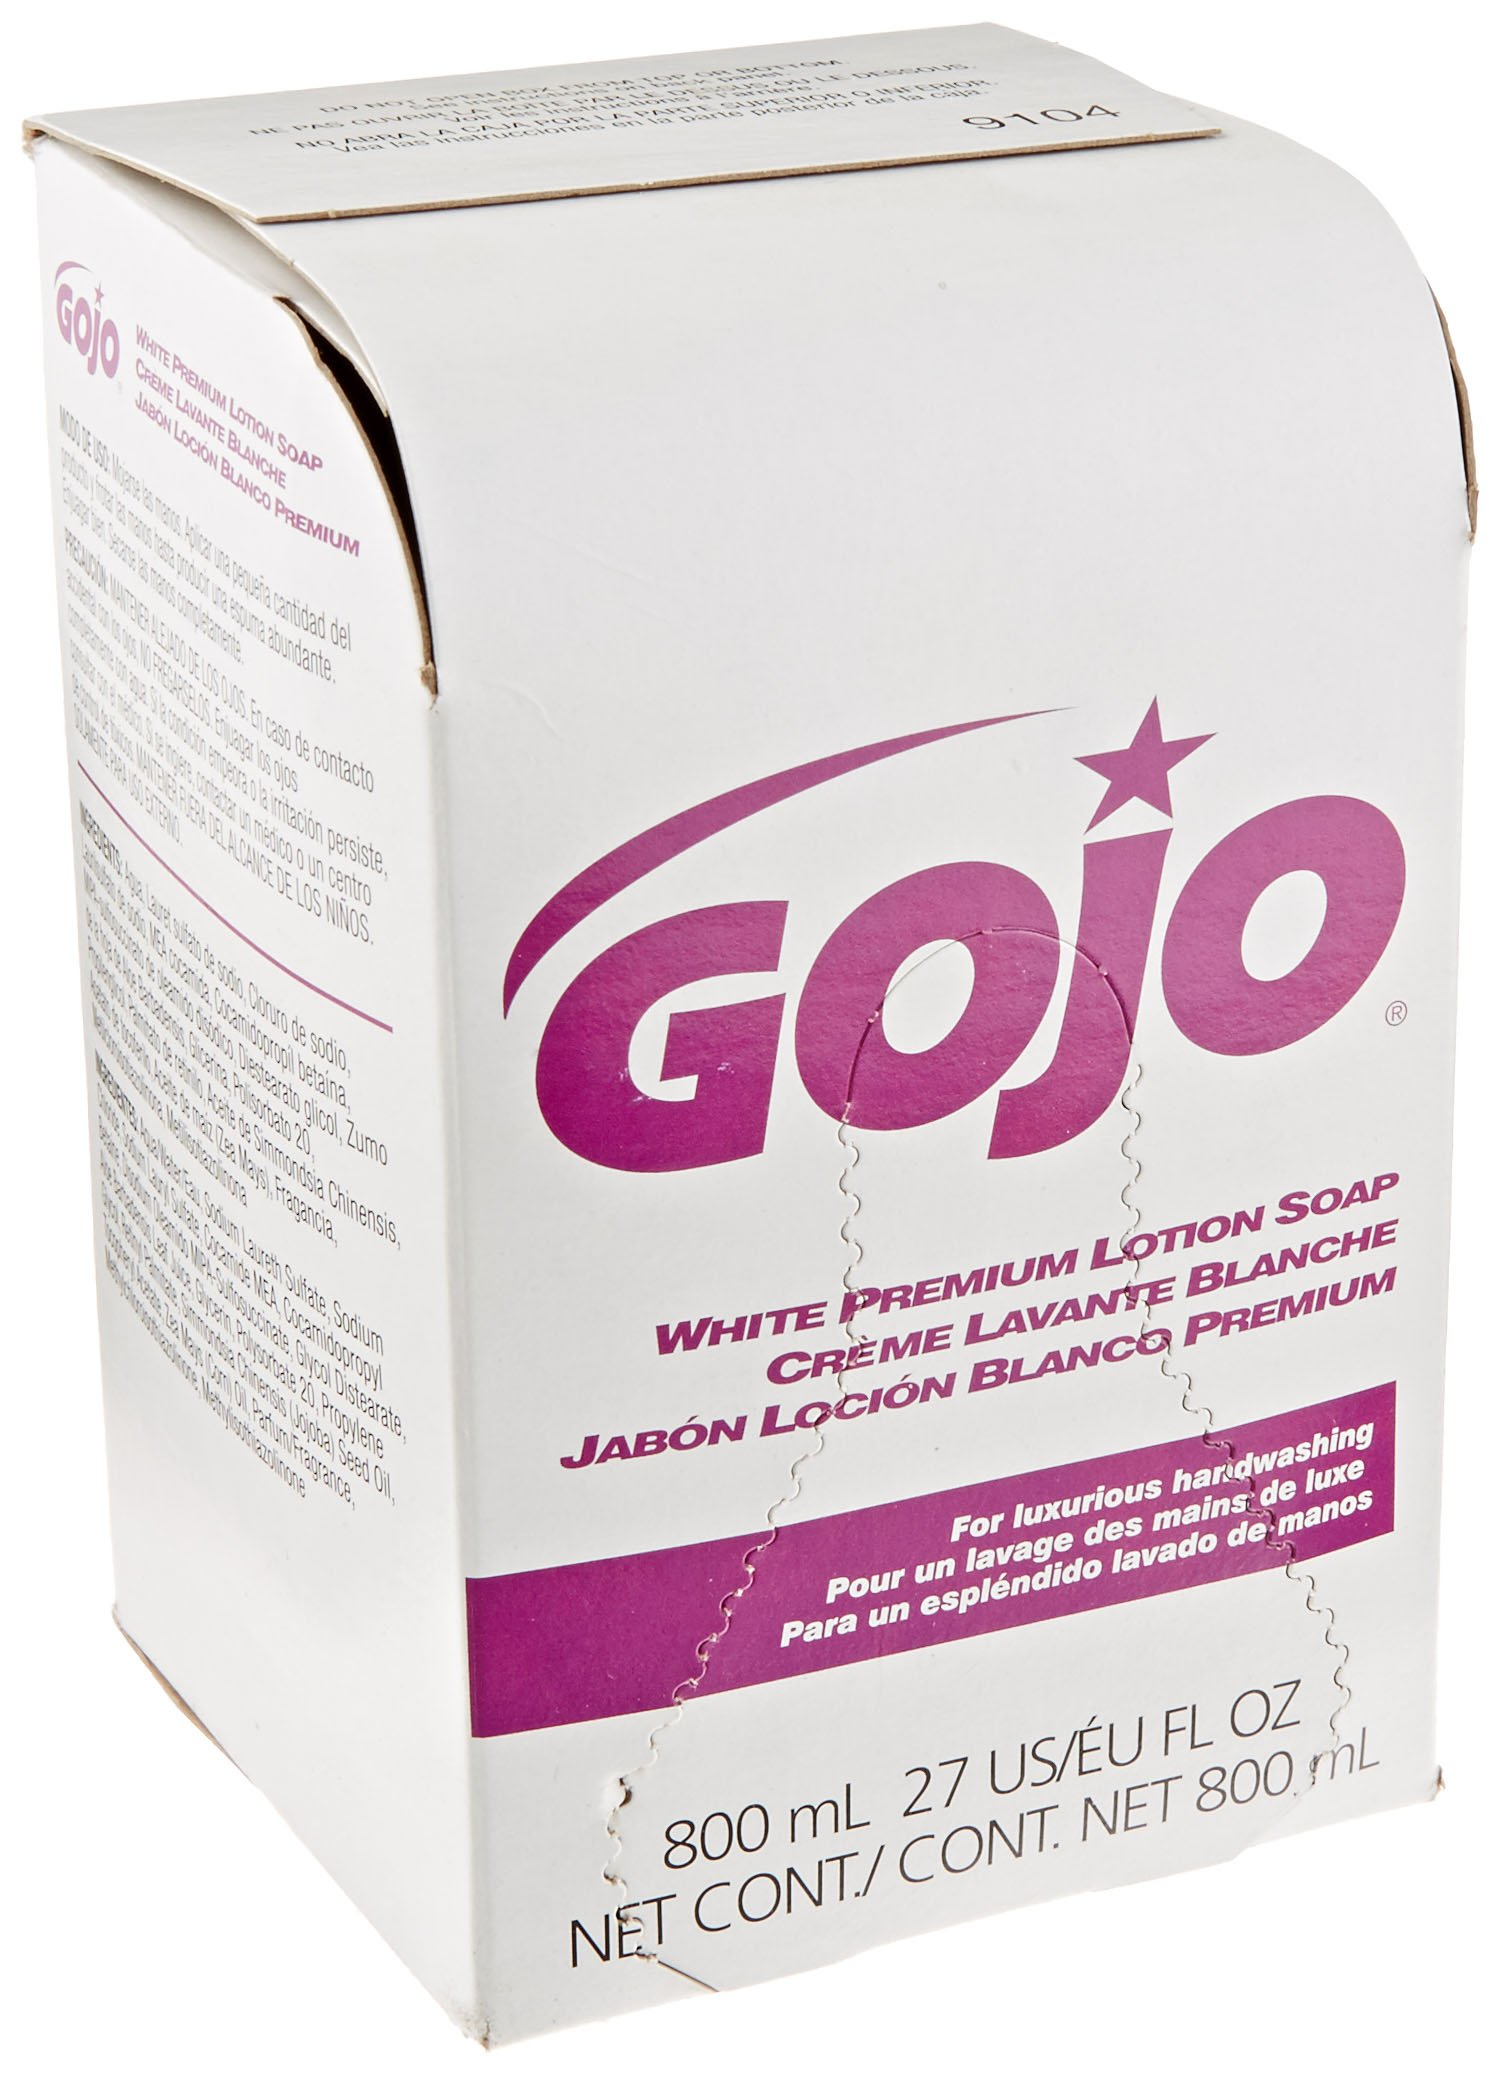 GOJO 9104-12 Premium Lotion Soap, 800 mL Refill